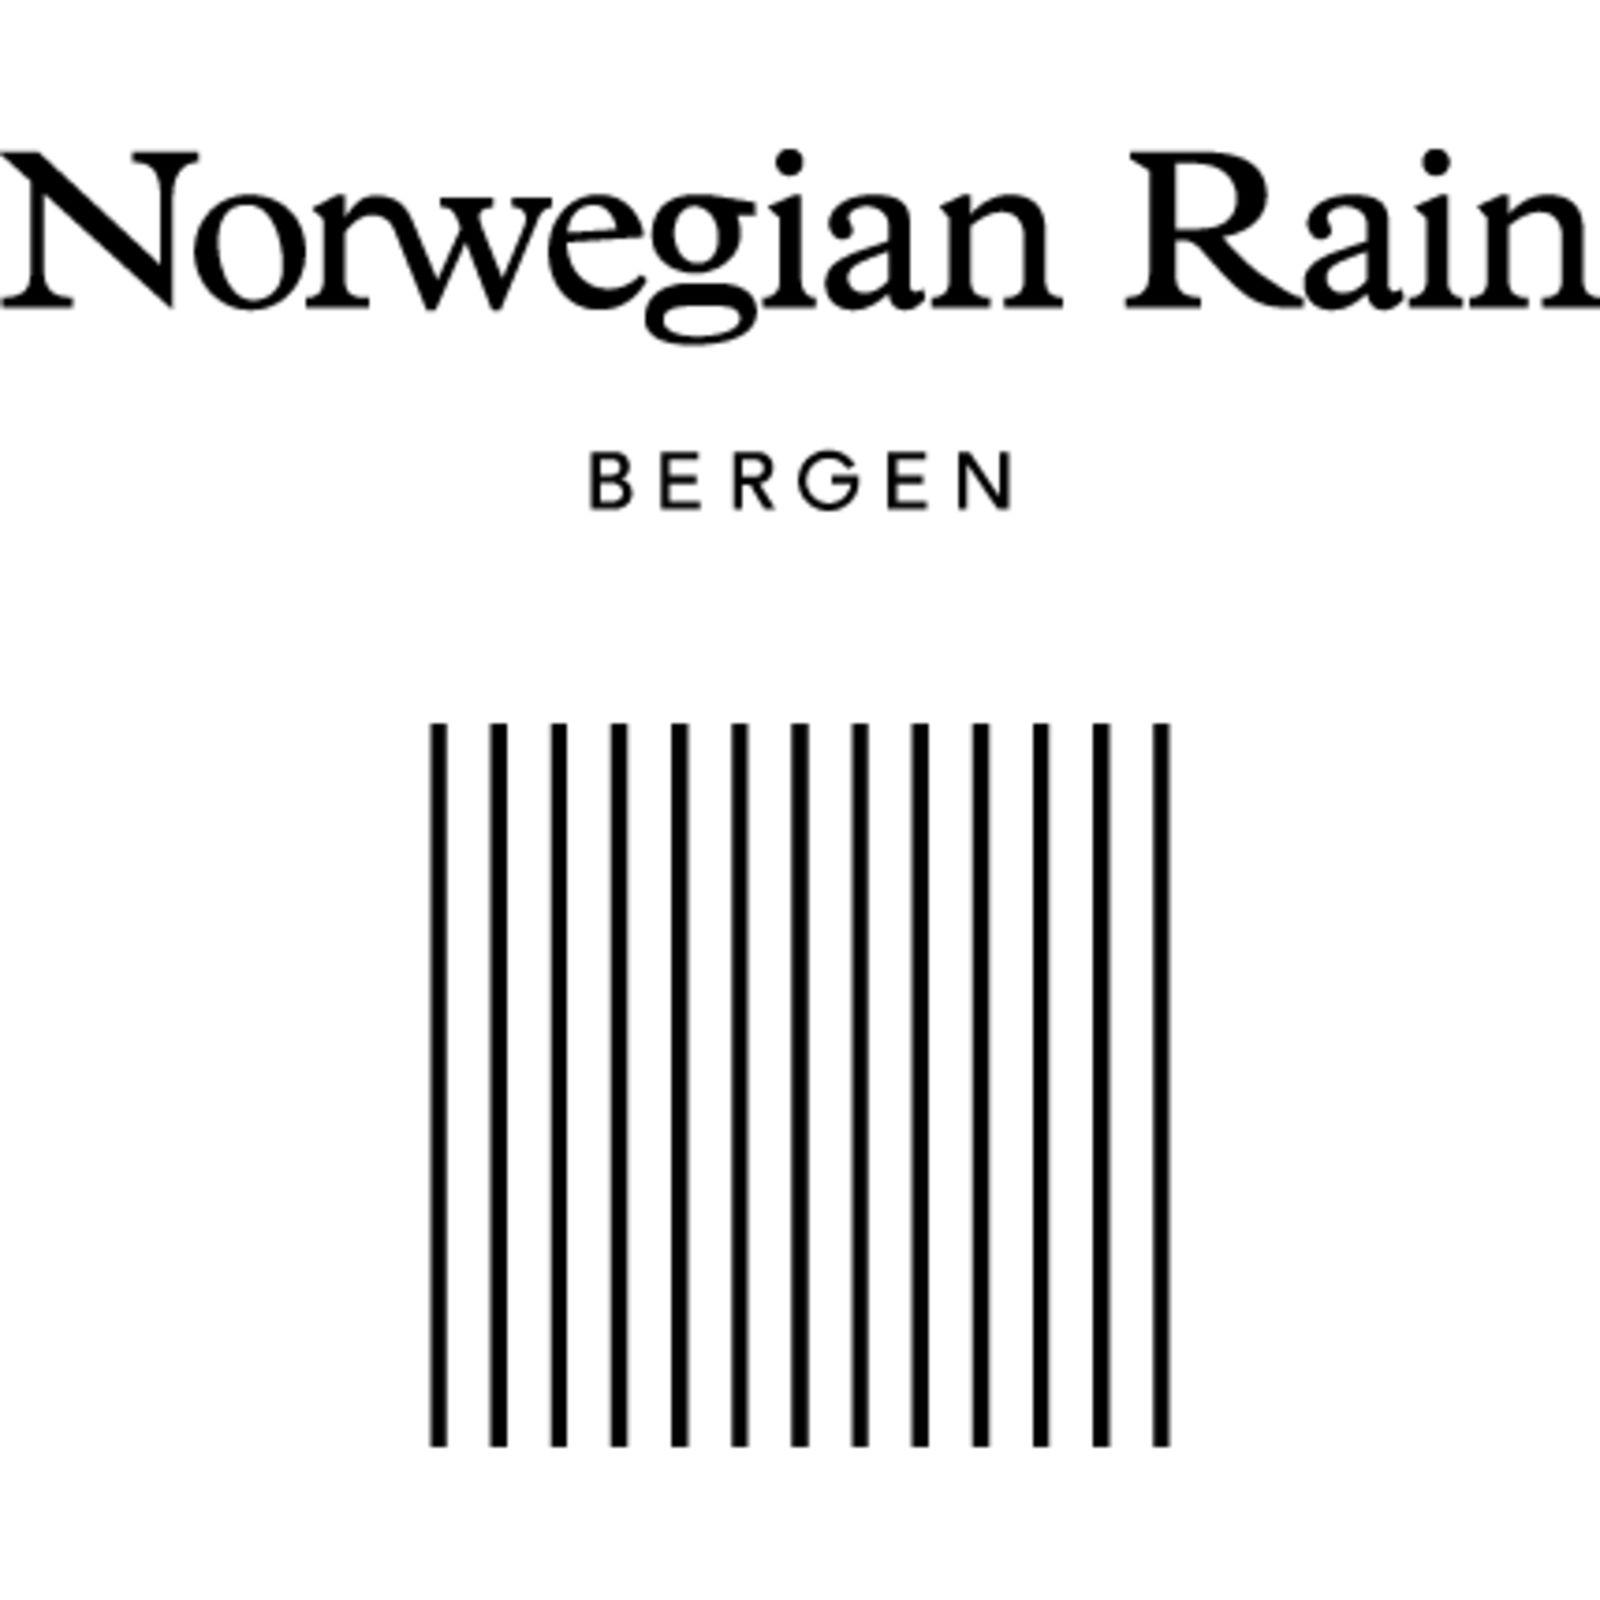 Norwegian Rain (Image 1)